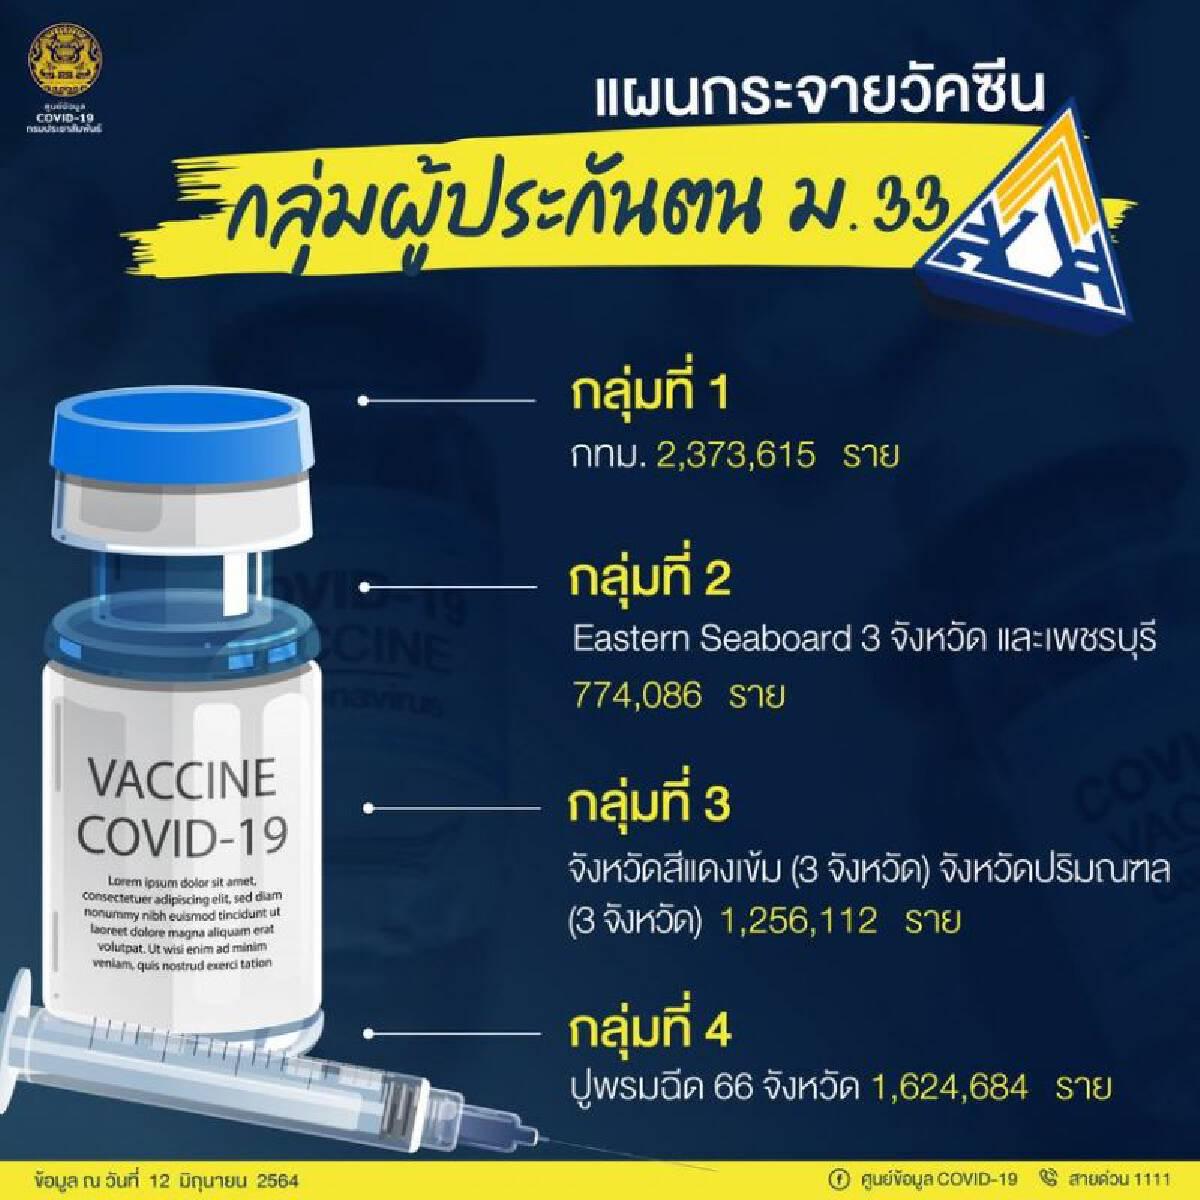 """""""ประกันสังคม""""พร้อมฉีดวัคซีนโควิด ผู้ประกันตน ม.33 เริ่ม 14 มิ.ย.นี้"""